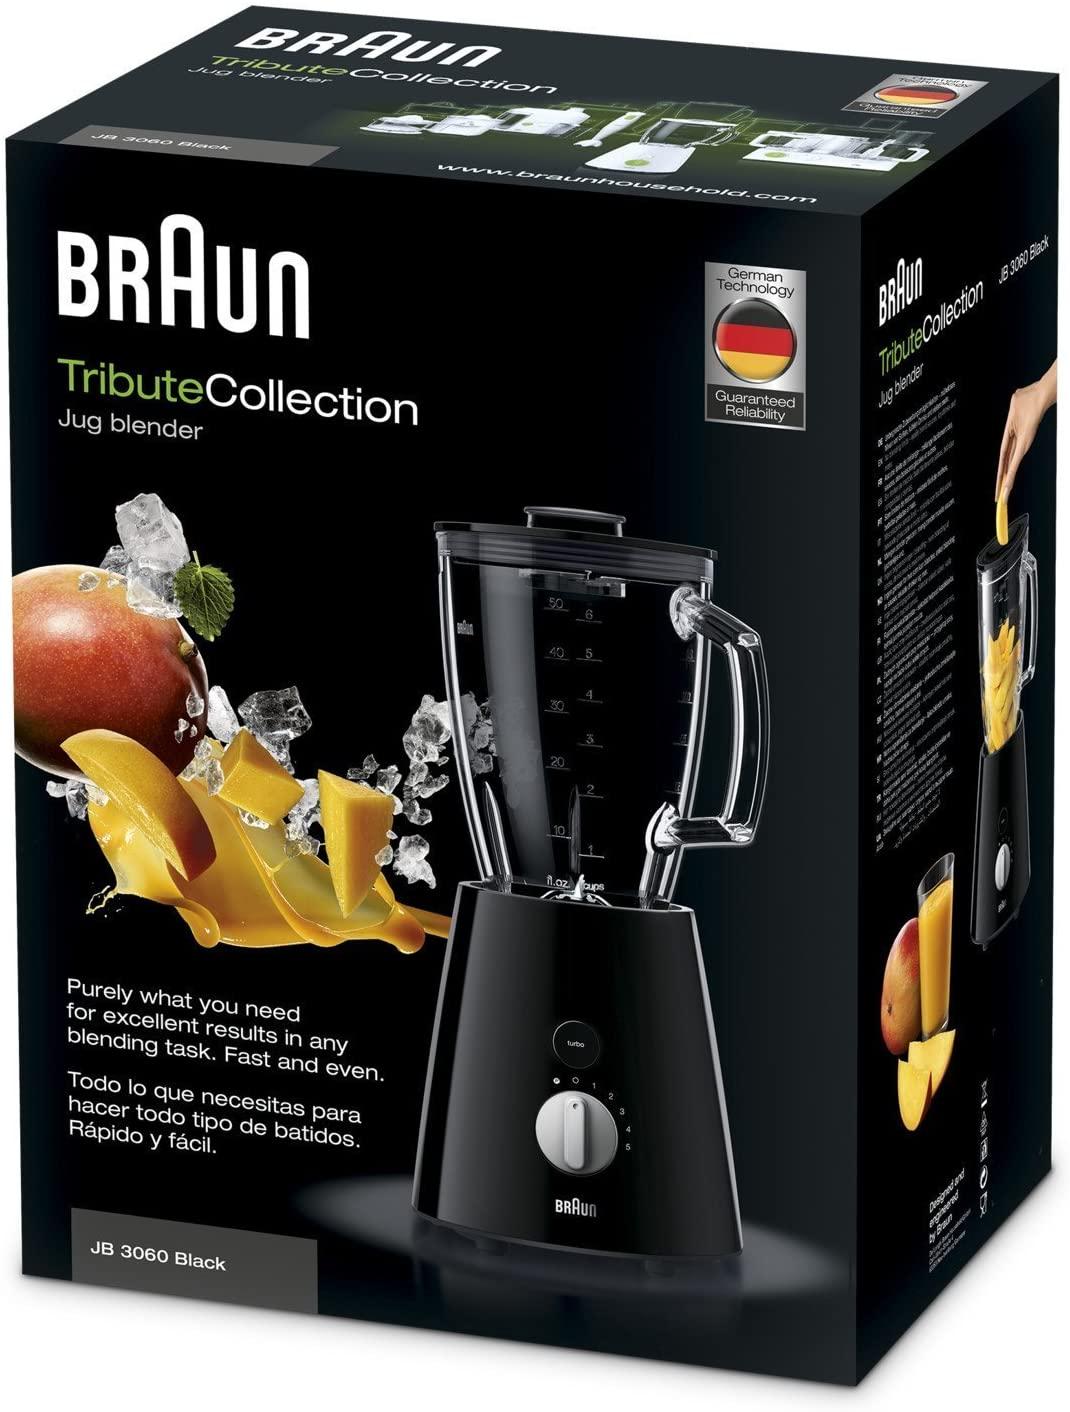 TributeCollection Jug blender JB 3060 Black 4